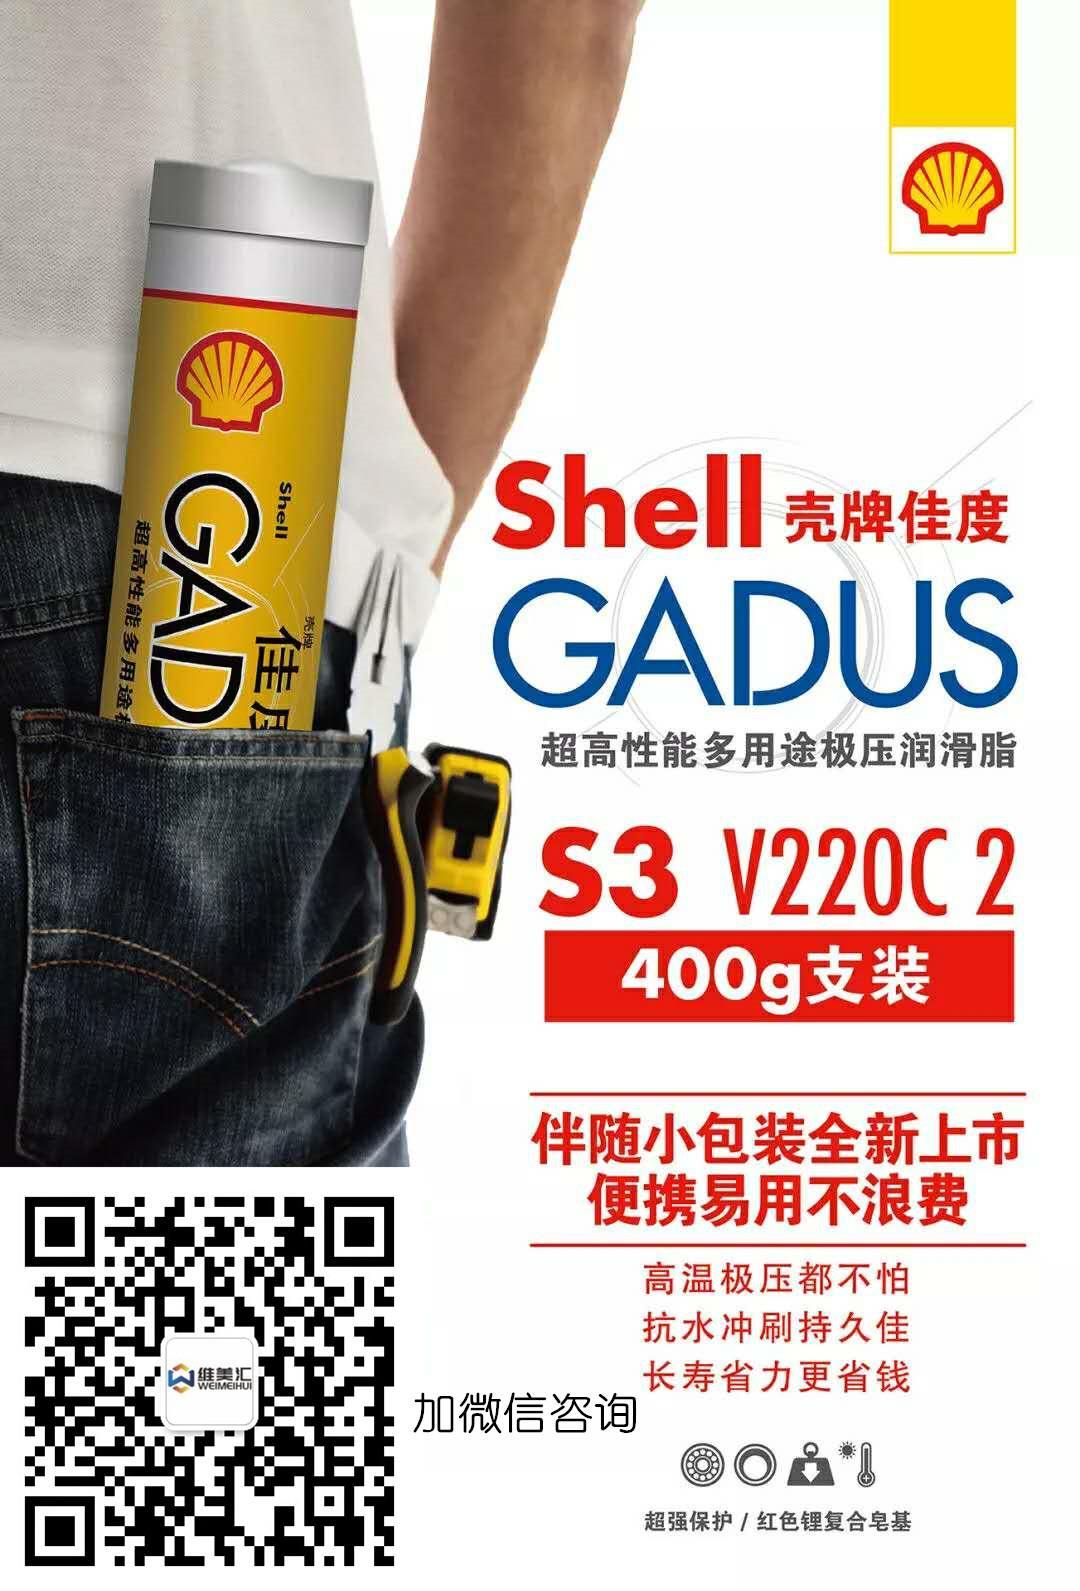 殼牌佳度S3V220C 2潤滑脂 400G 大量現貨供應